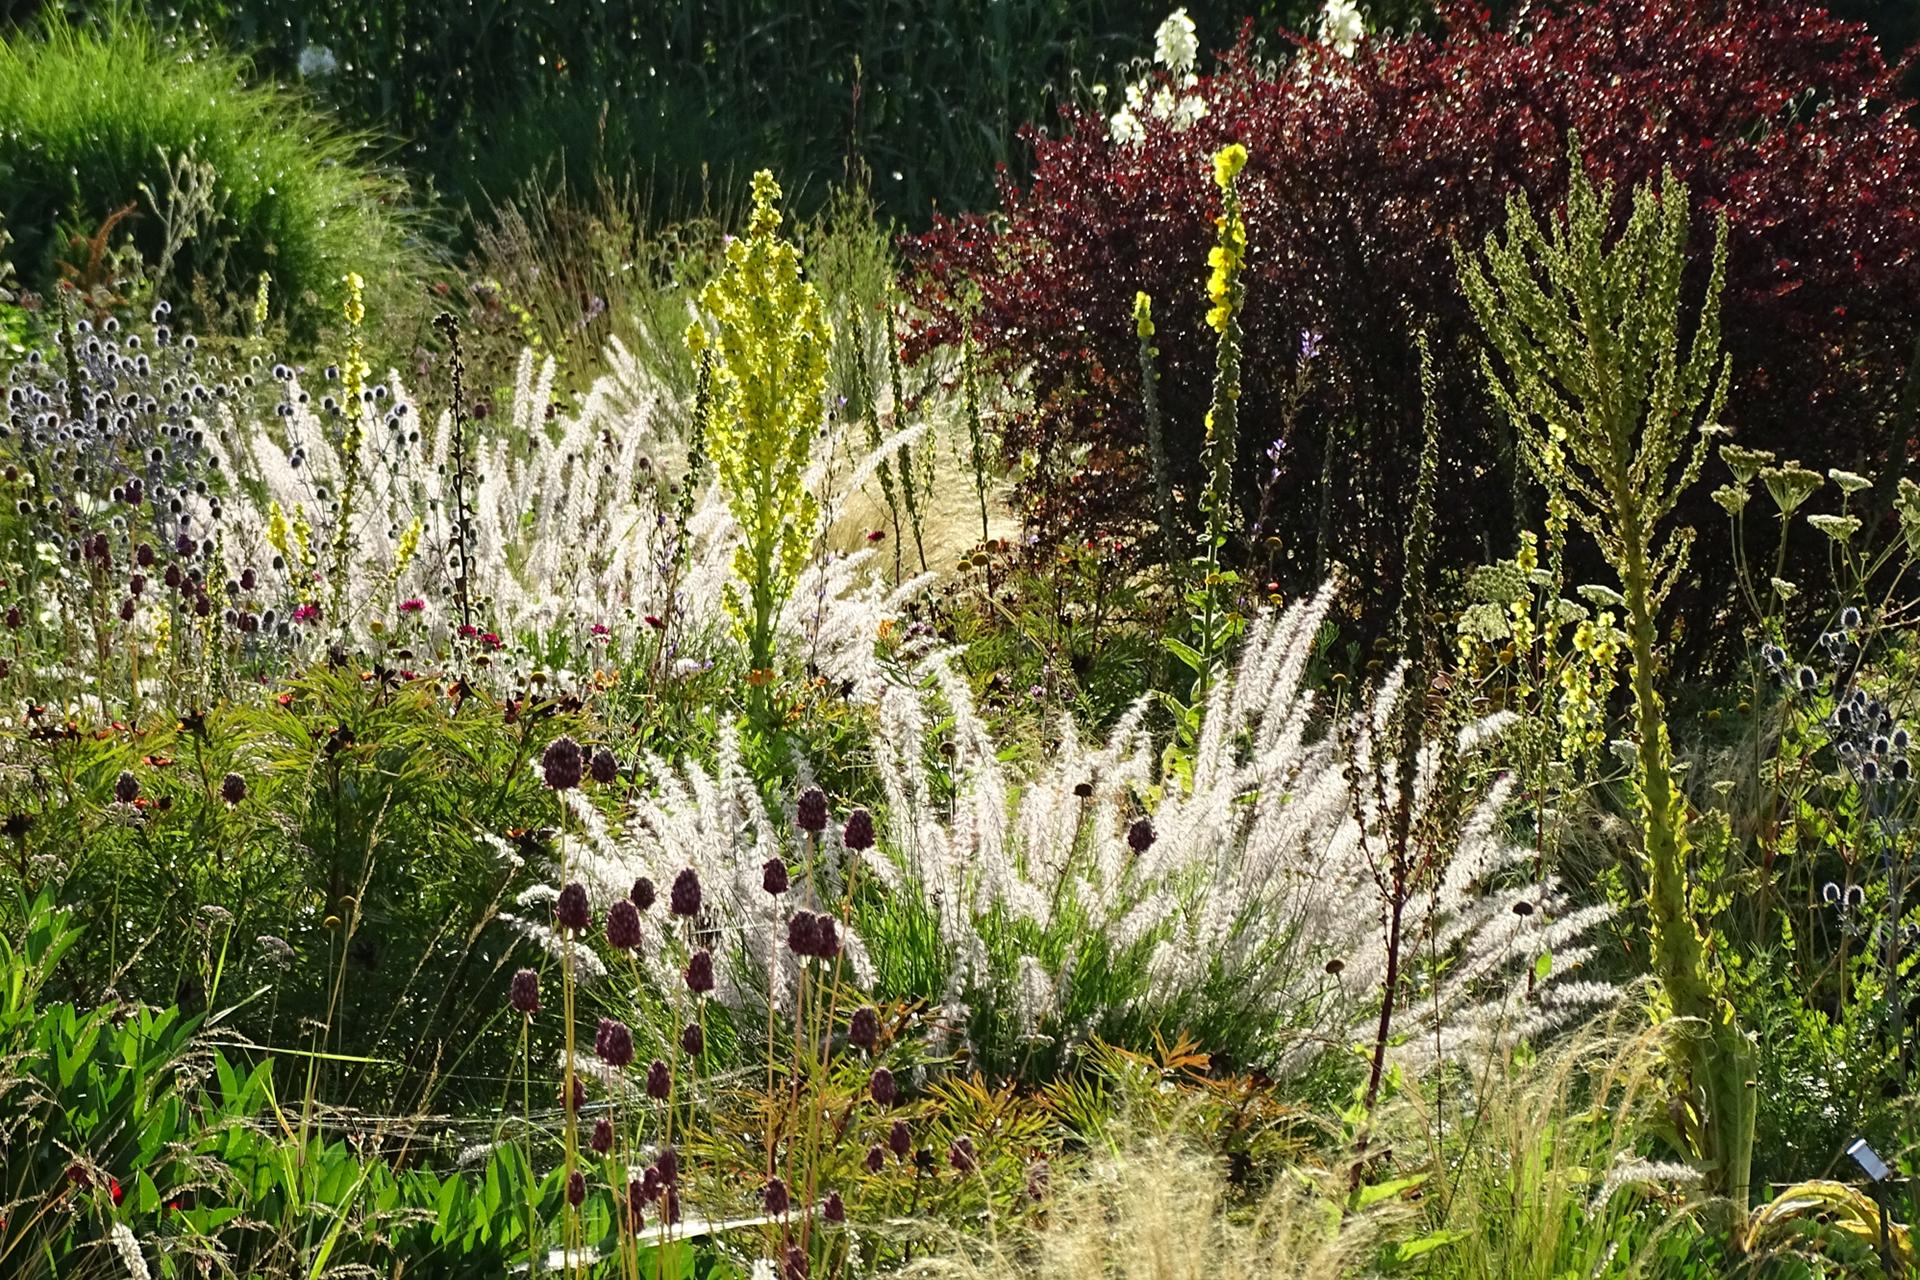 Den Sommer im Herzen: Viele hitze- und trockenheitsverträgliche Arten wie Königskerzen (Verbascum) und das Östliche Wimper-Perlgras (Melica ciliata) blühen spät, bieten dafür aber auch im Herbst und Winter attraktive Silhouetten.